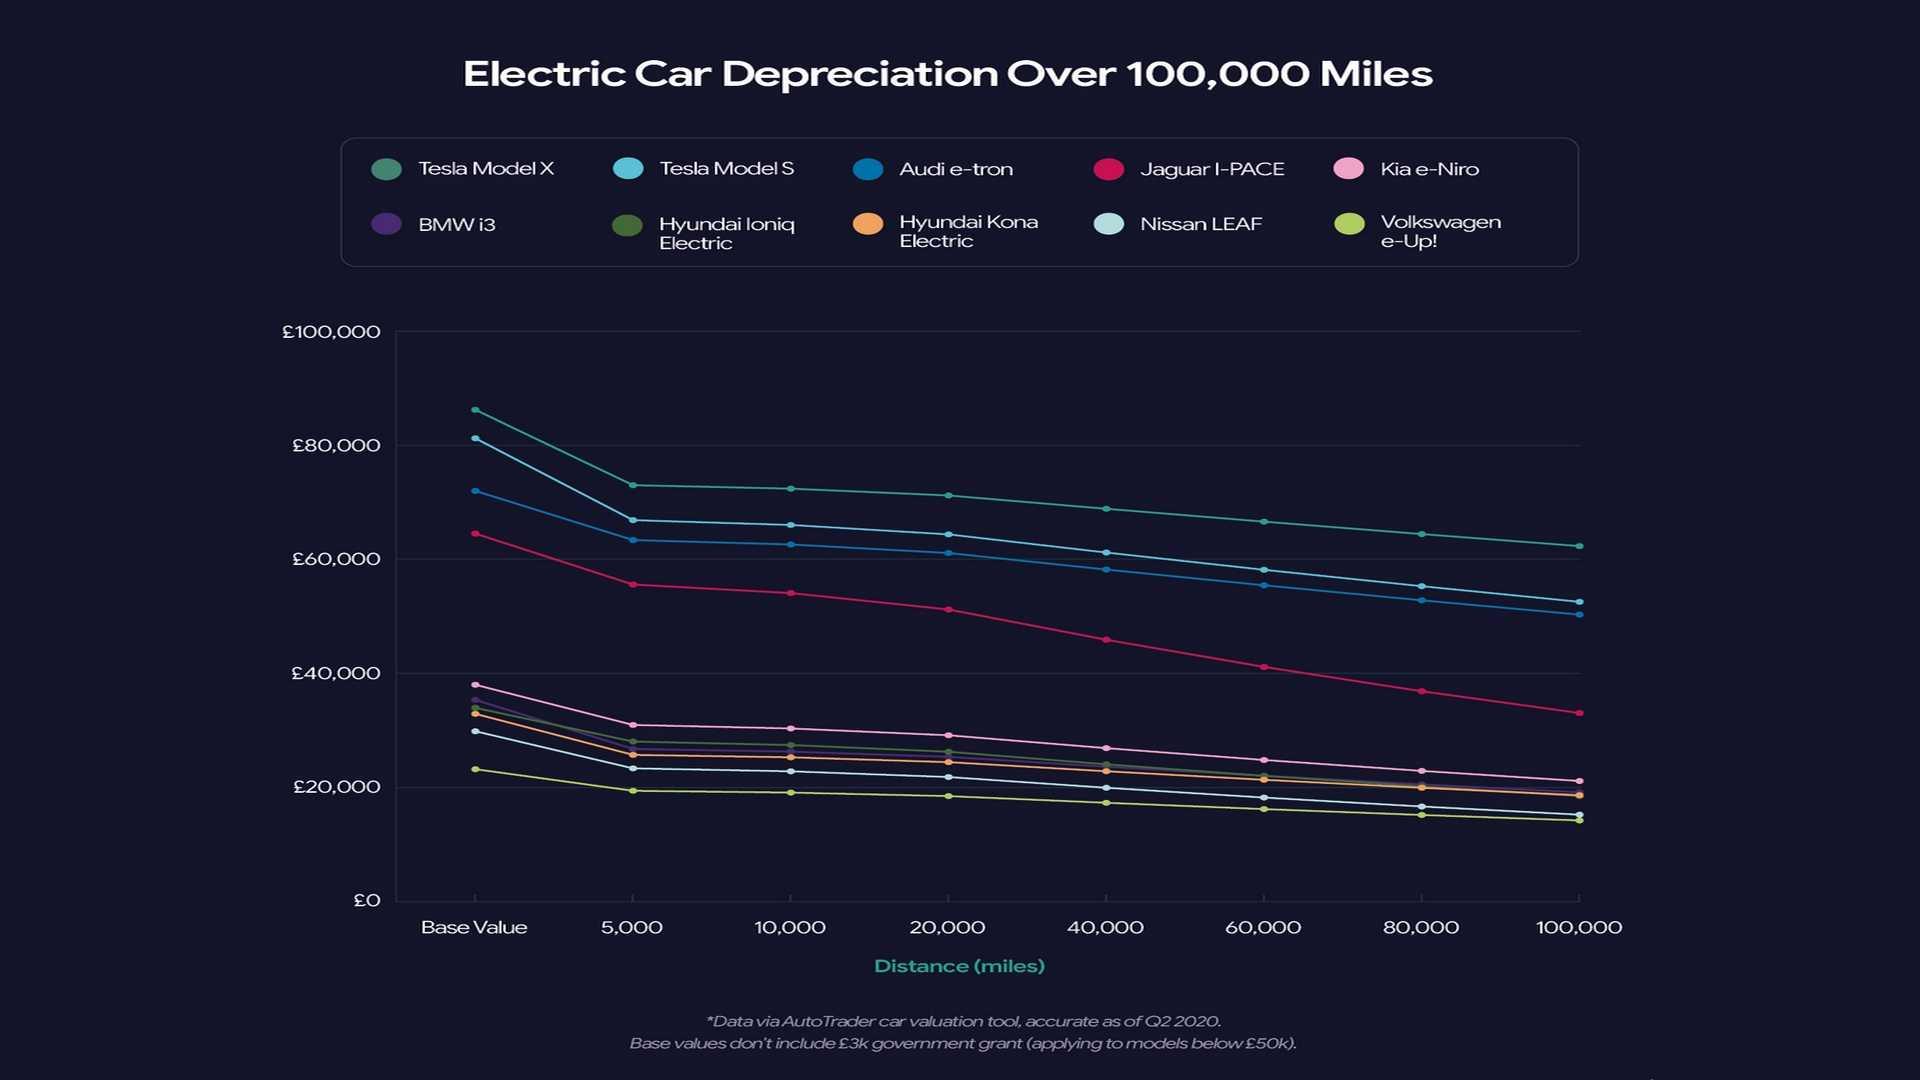 Какие электромобили теряют ценность в Великобритании?